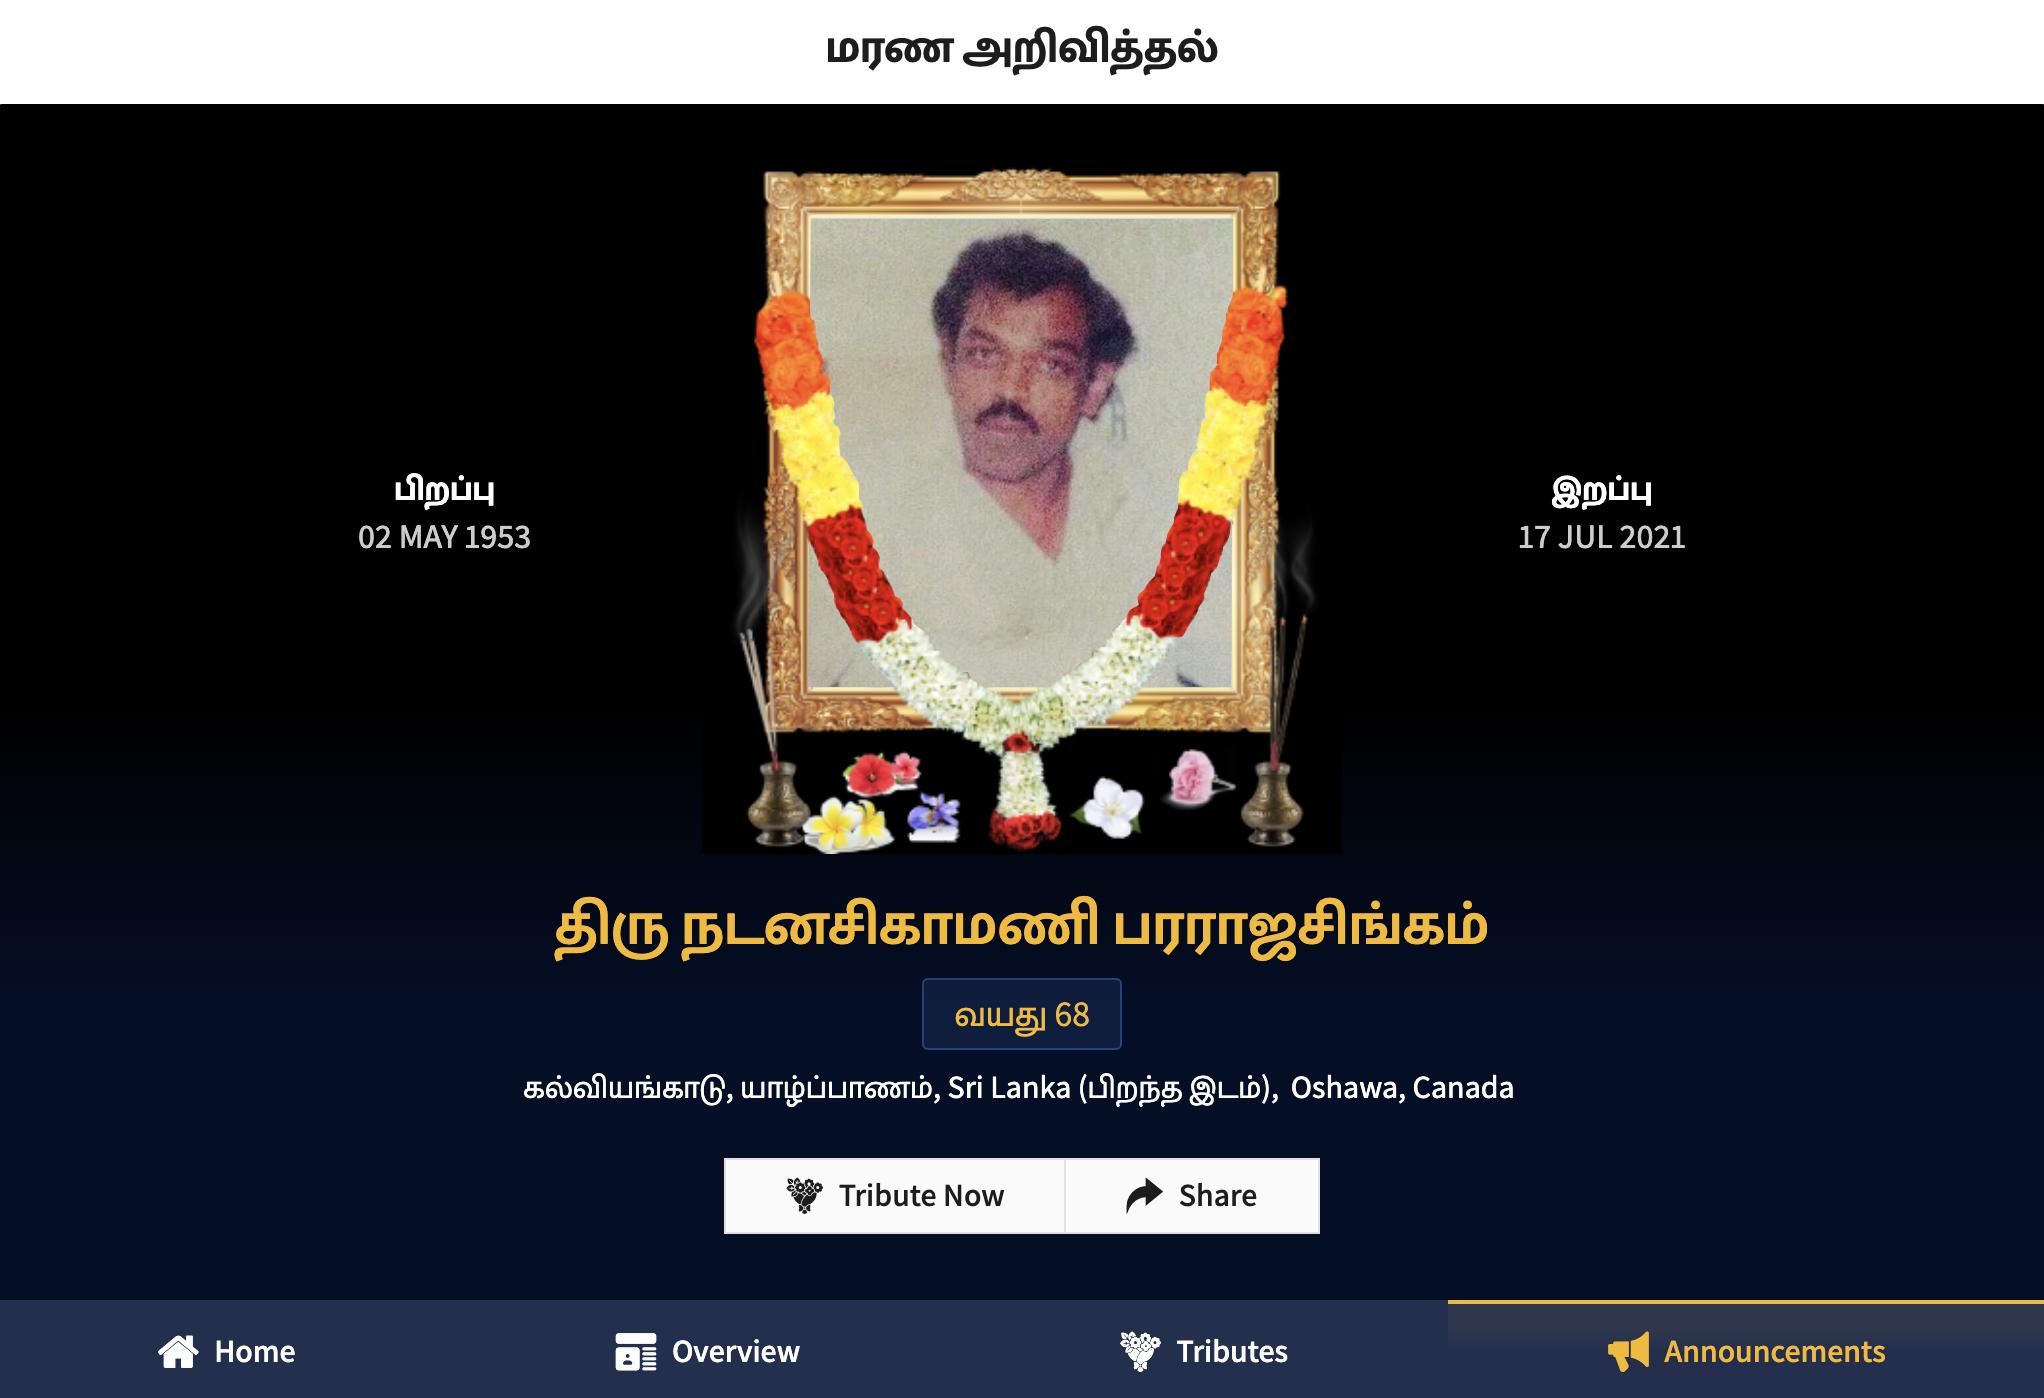 மரண அறிவித்தல்: நடனசிகாமணி பரராஜசிங்கம், டொரோண்டோ-கல்வியங்காடு /Obituary: Nadanasigamani Pararajasingam; Toronto-Kalviankadu